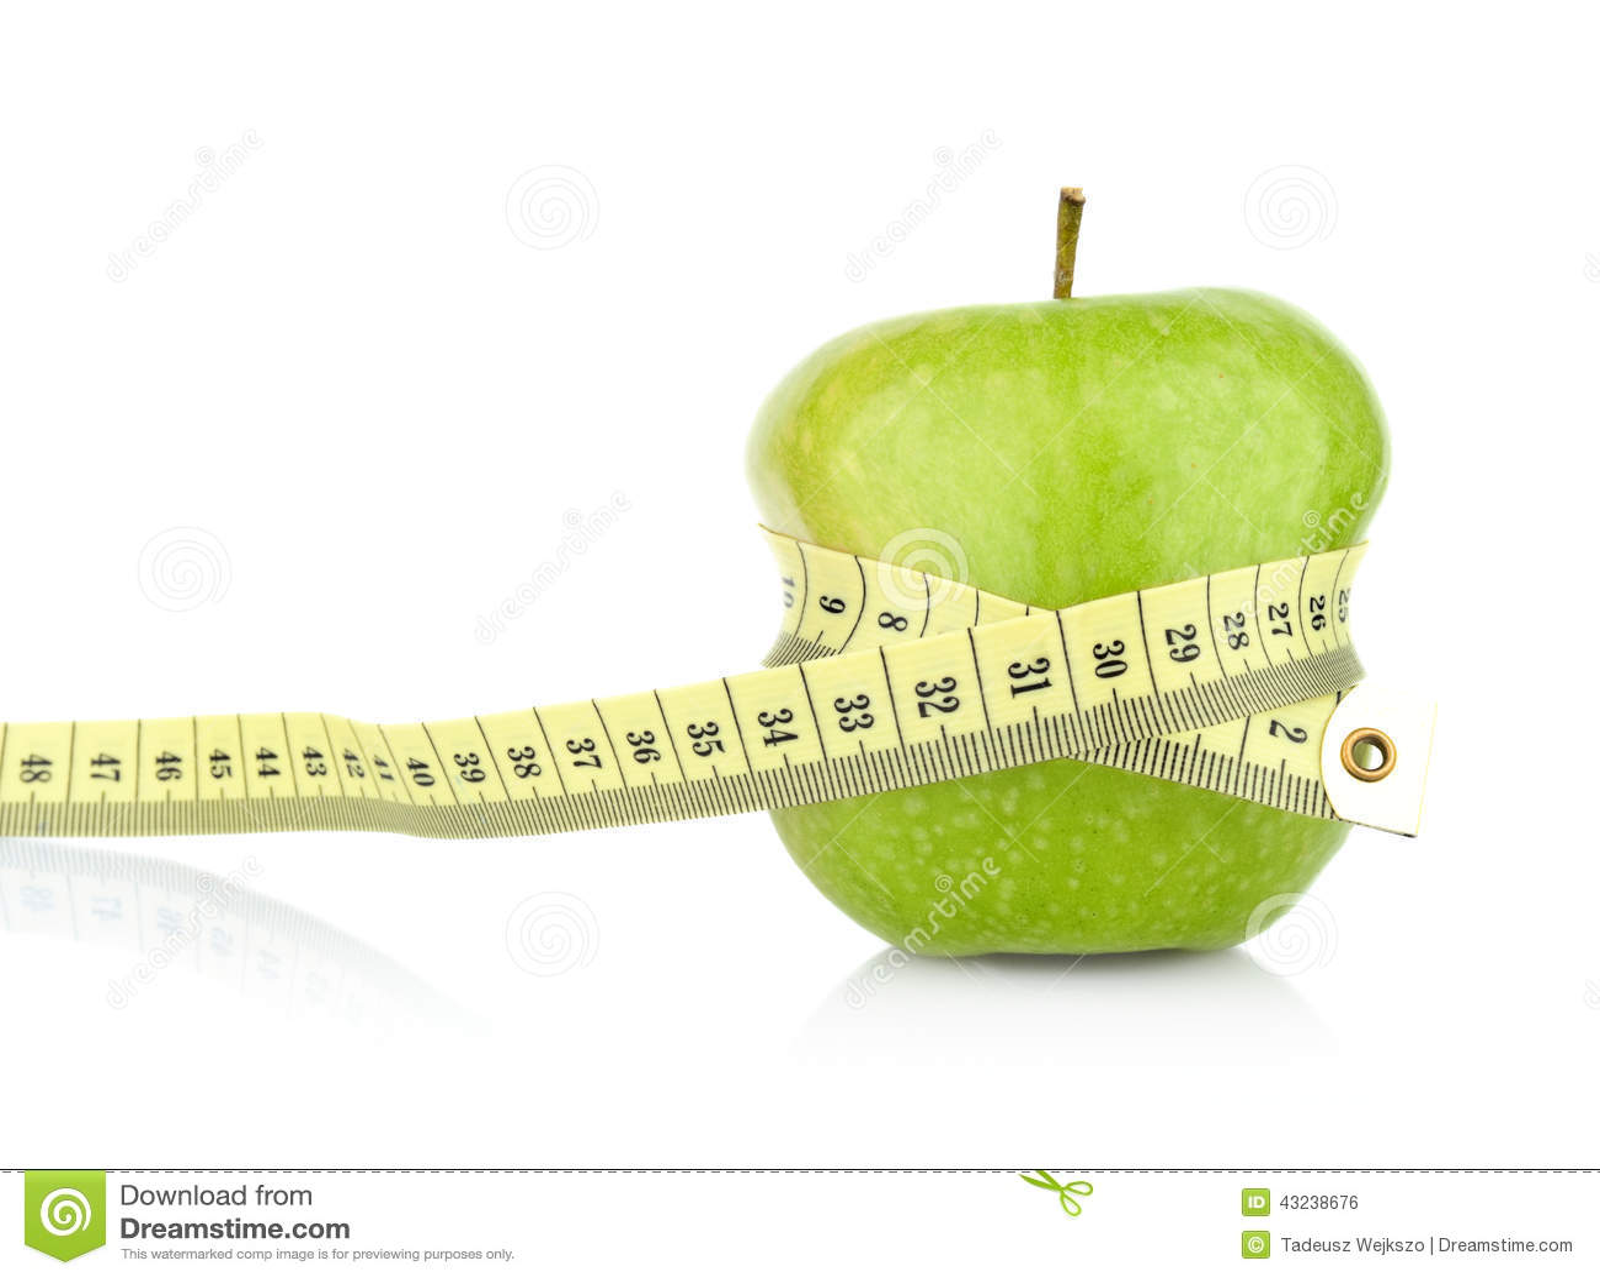 Студия сняла всего зеленого здорового яблока с рулеткой